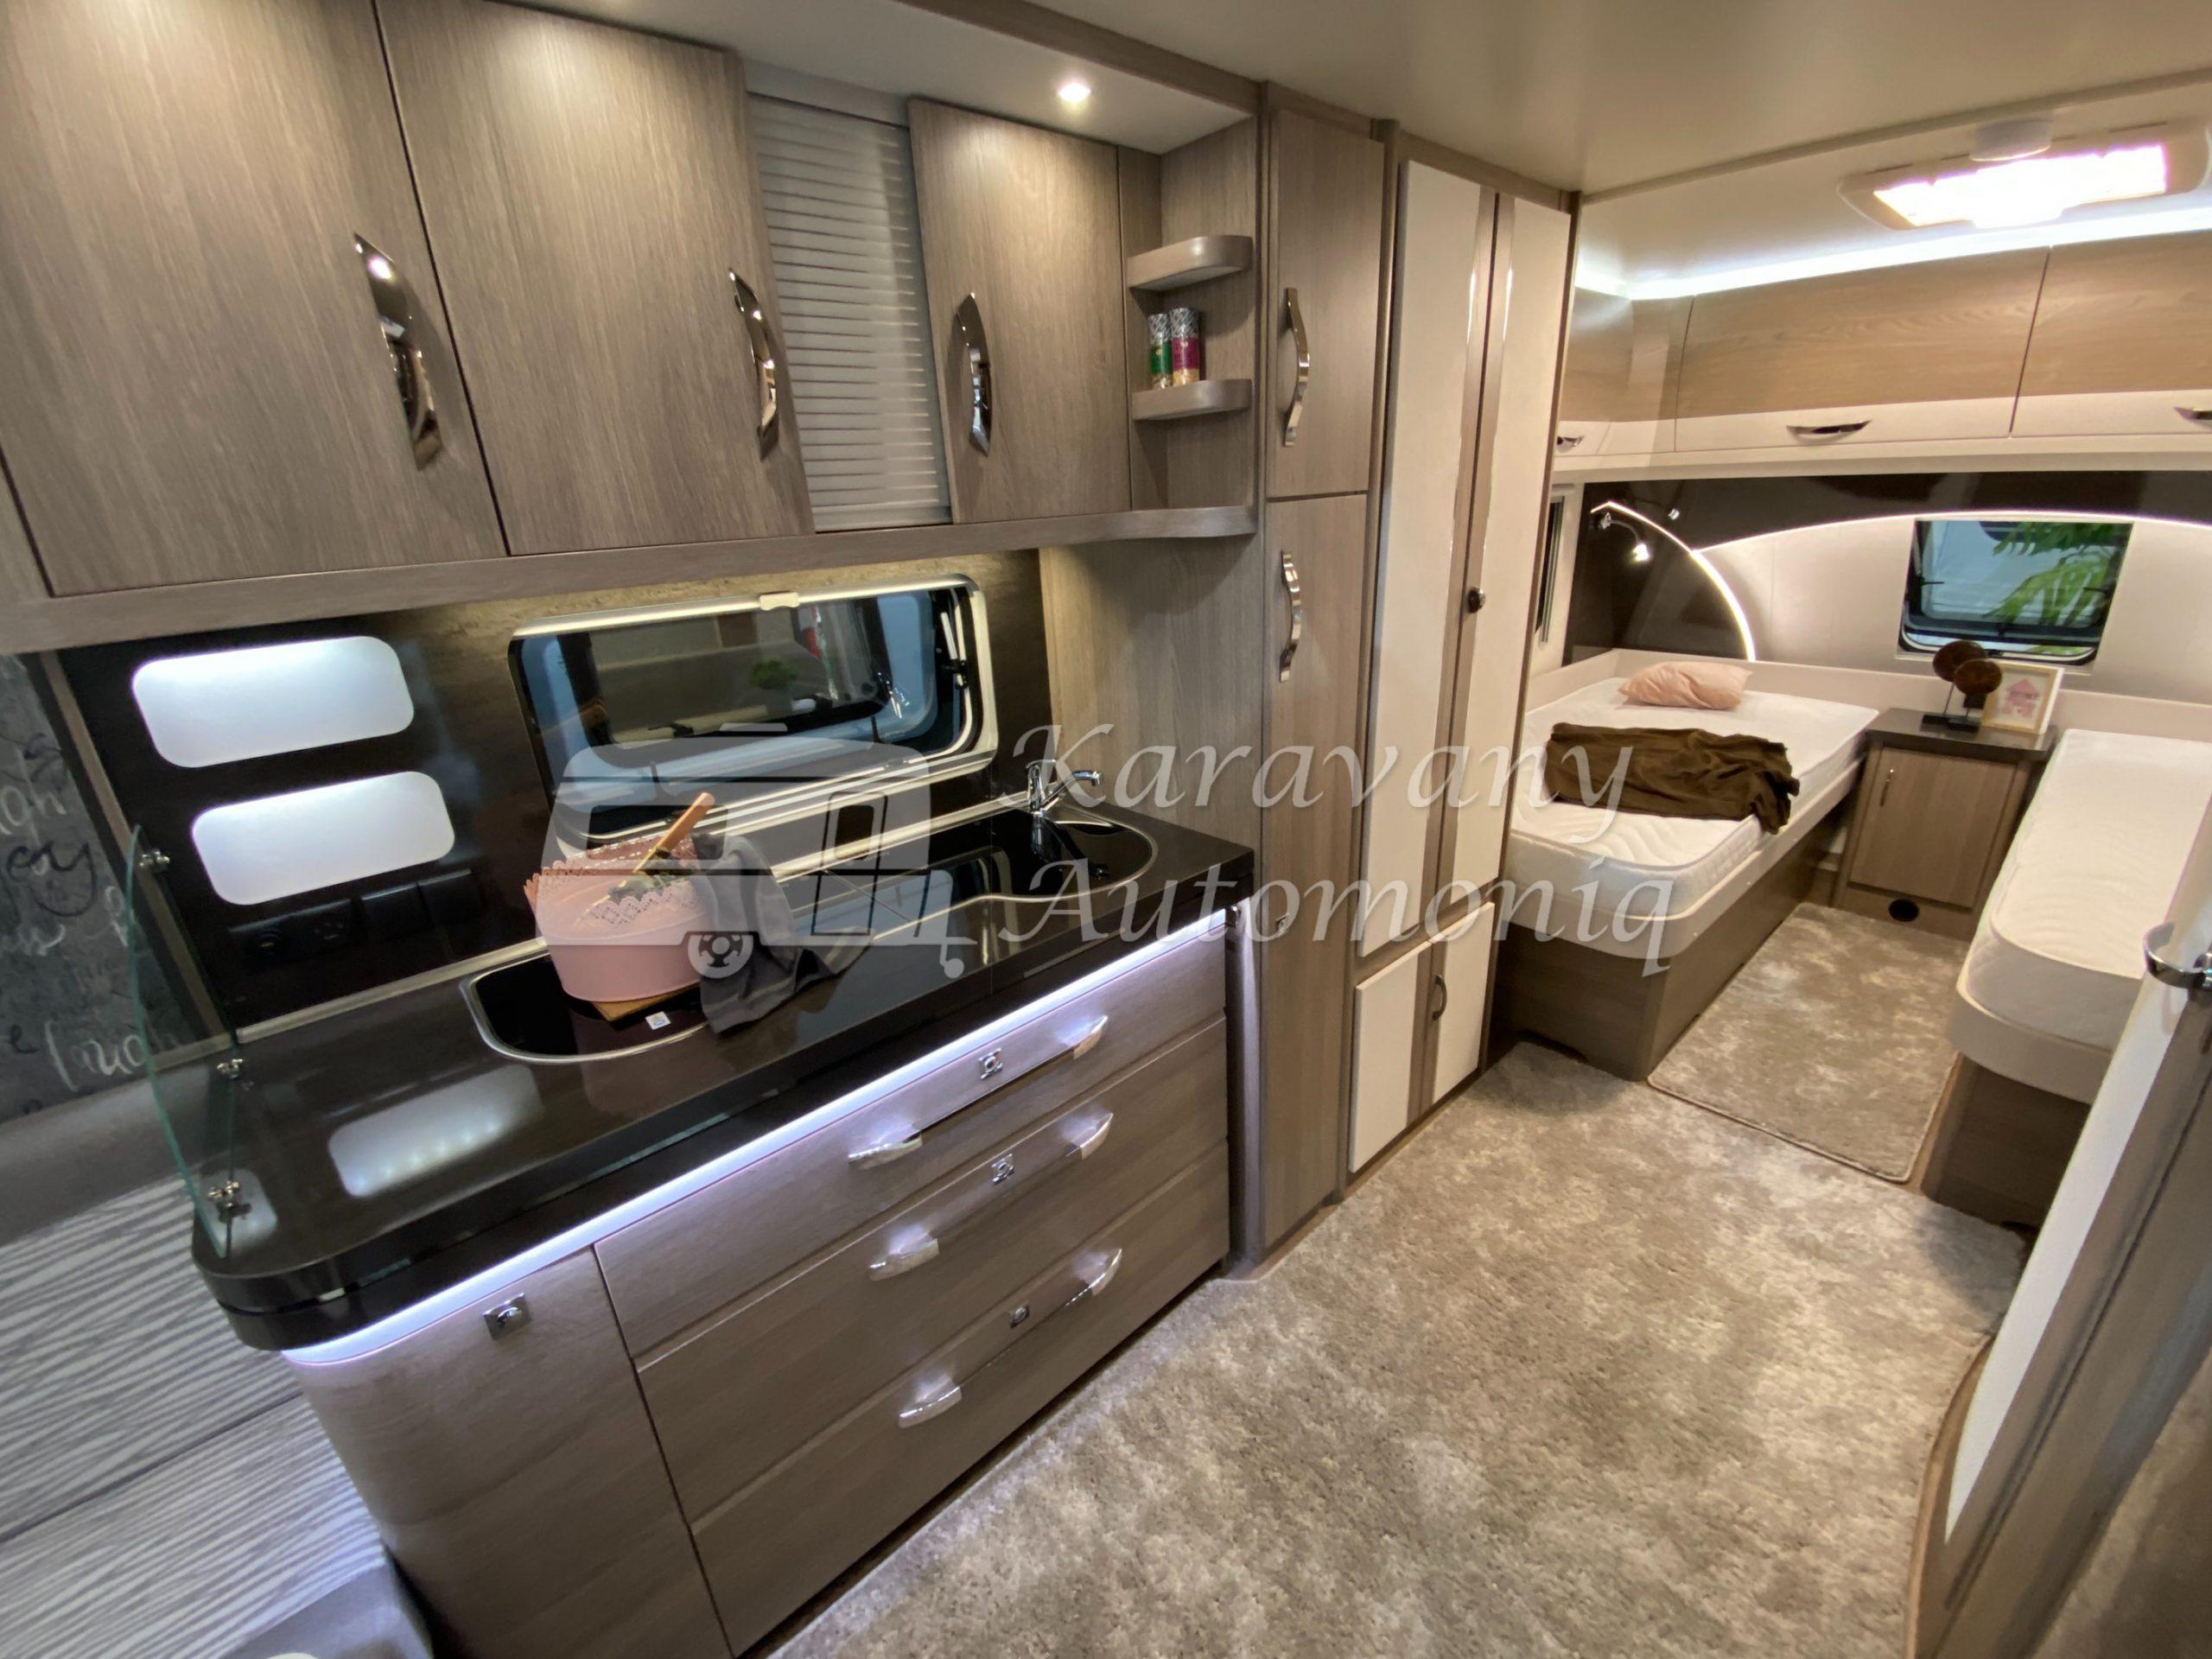 2022 model Hobby Prestige 560 UL Image